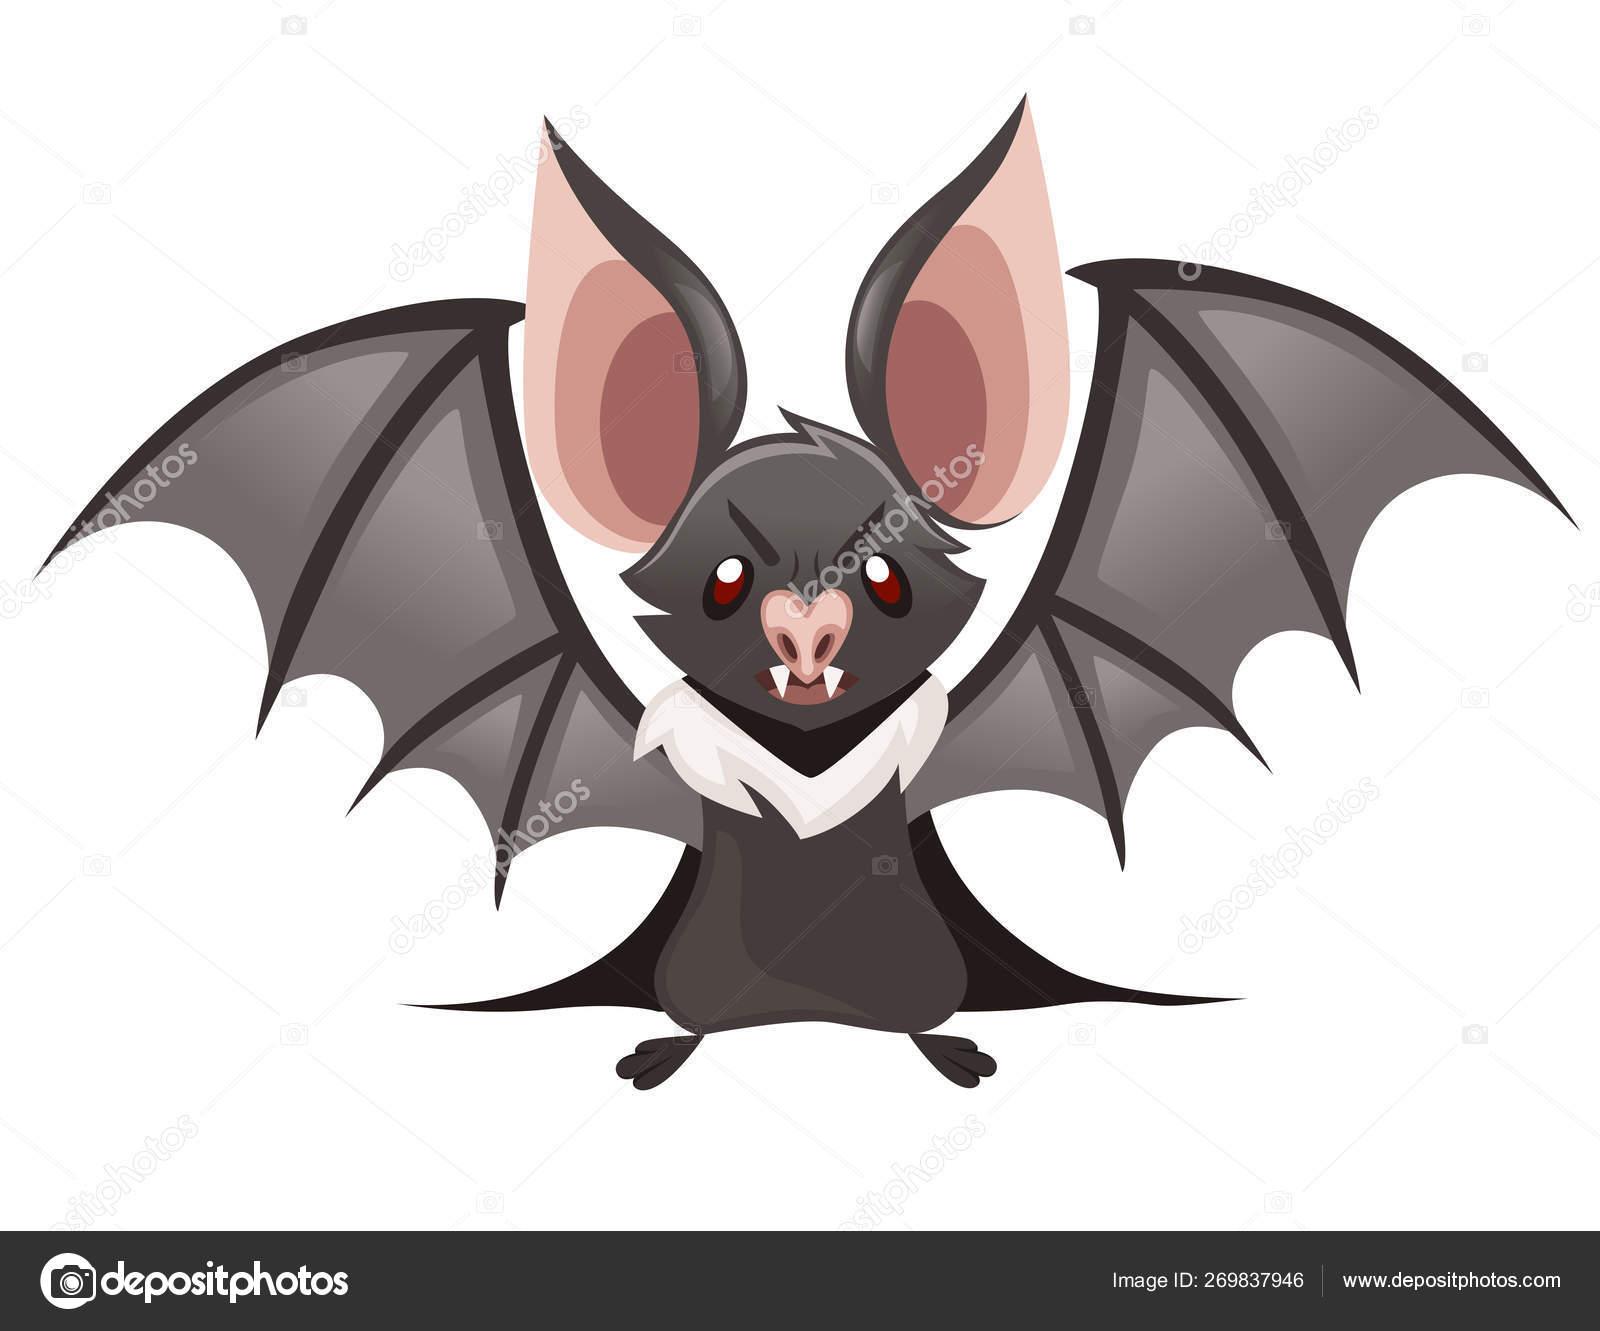 A Picture Of A Cartoon Bat cartoon bat. cute vampire bat, flying mammal. flat vector